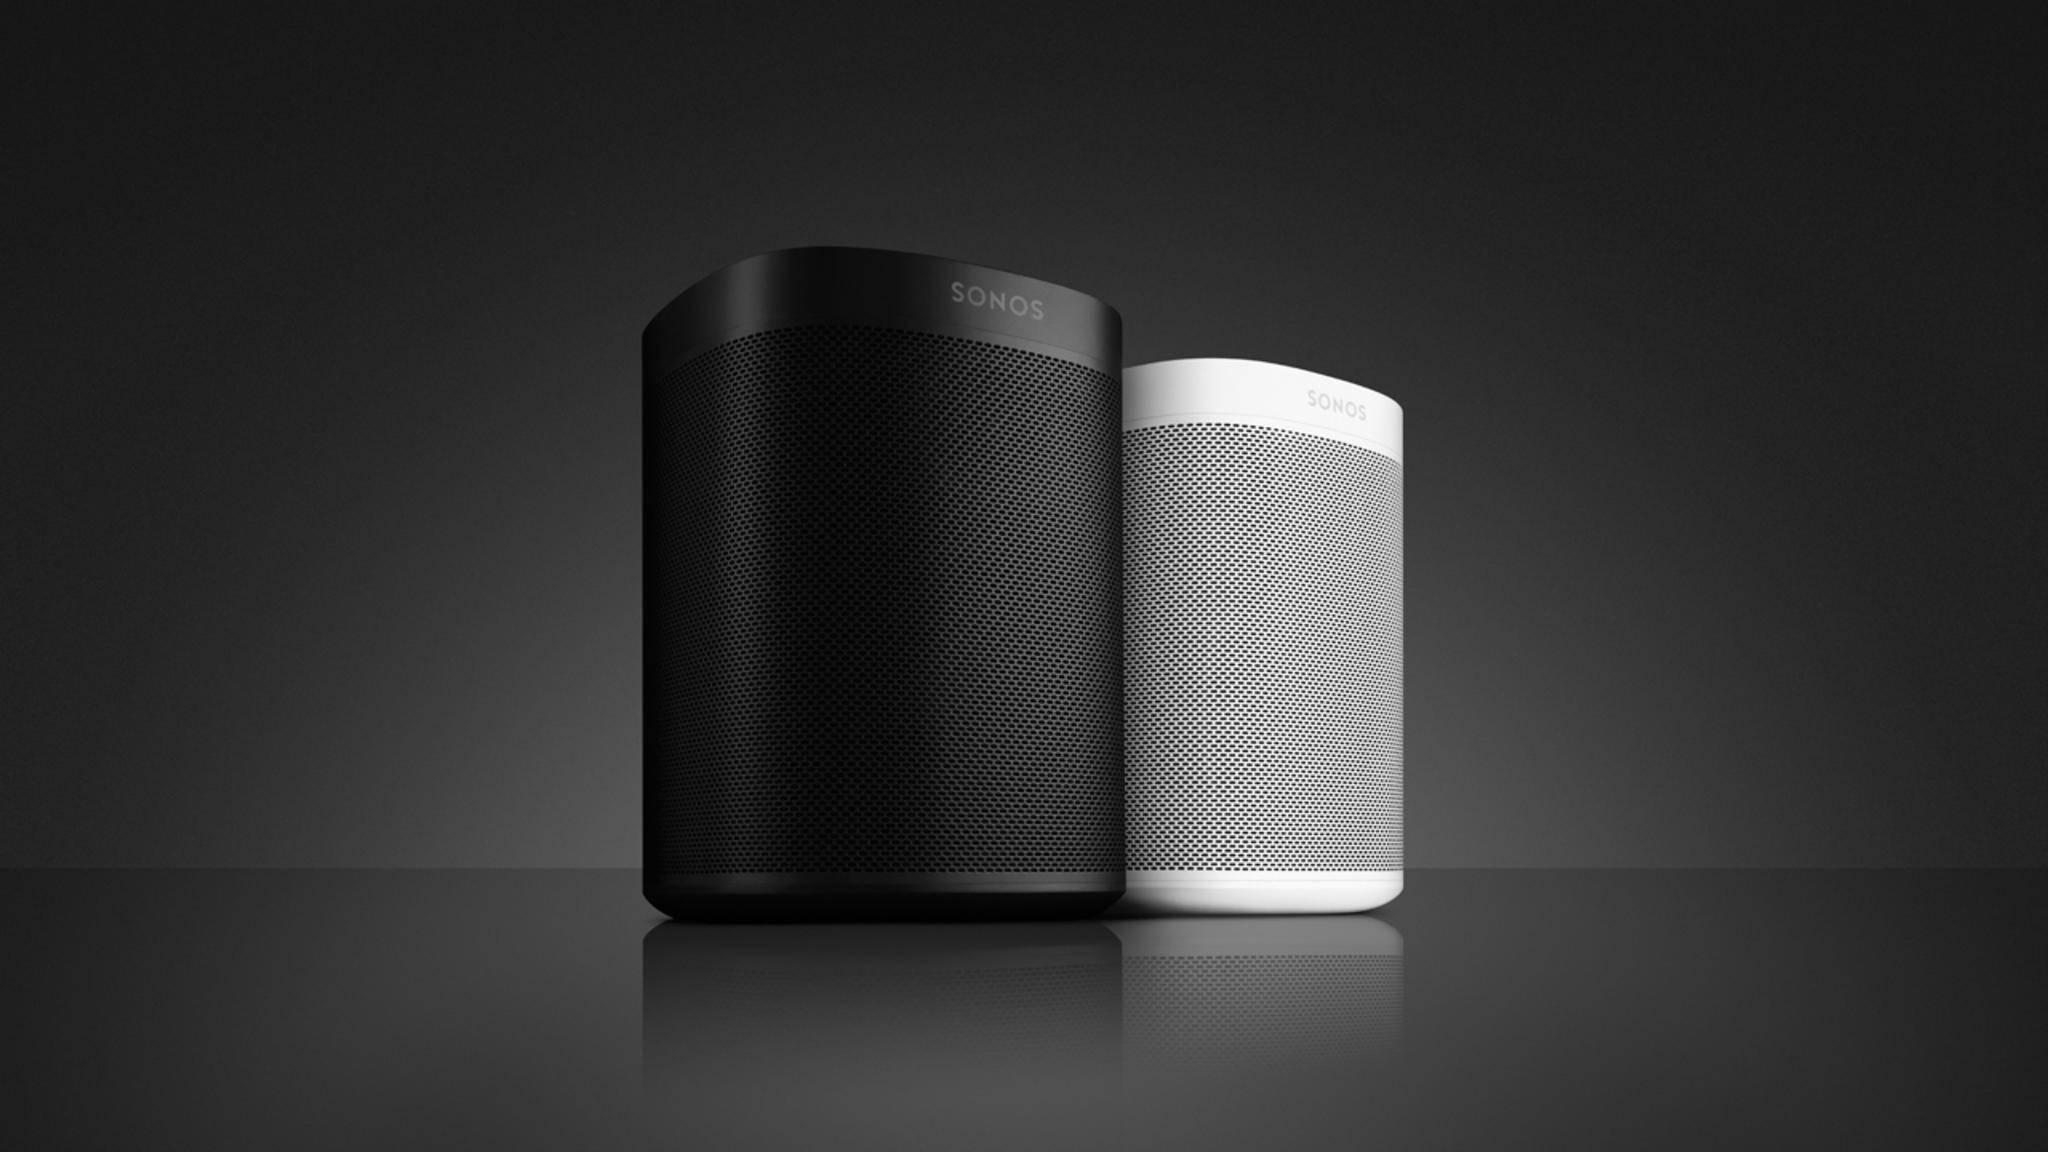 Beim Zurücksetzen des Sonos One werden alle gespeicherten Daten gelöscht.